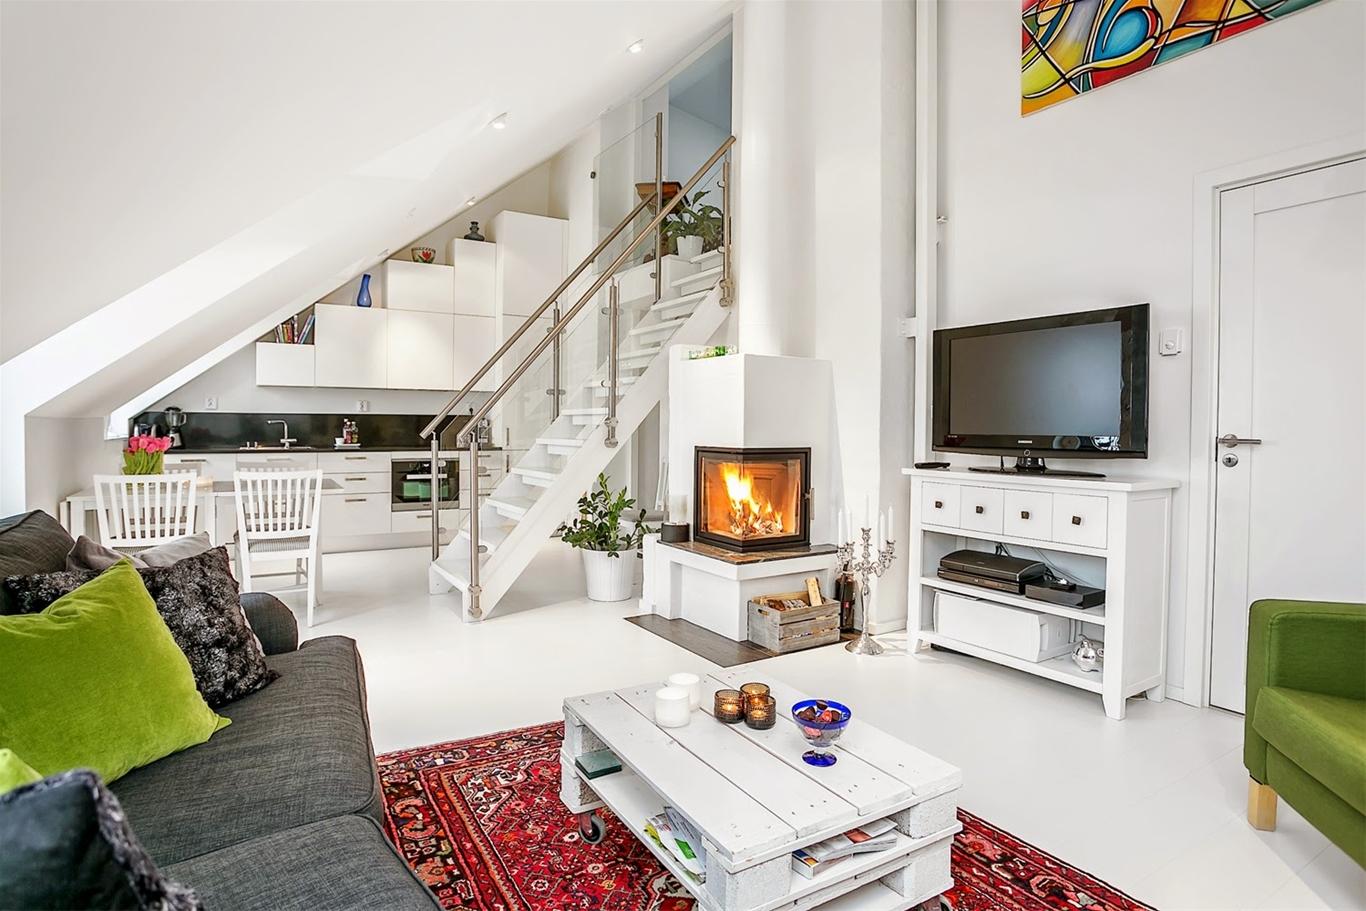 Phòng khách 18m2 thường được ứng dụng trong thiết kế nhà ống hoặc những ngôi nhà mái thái